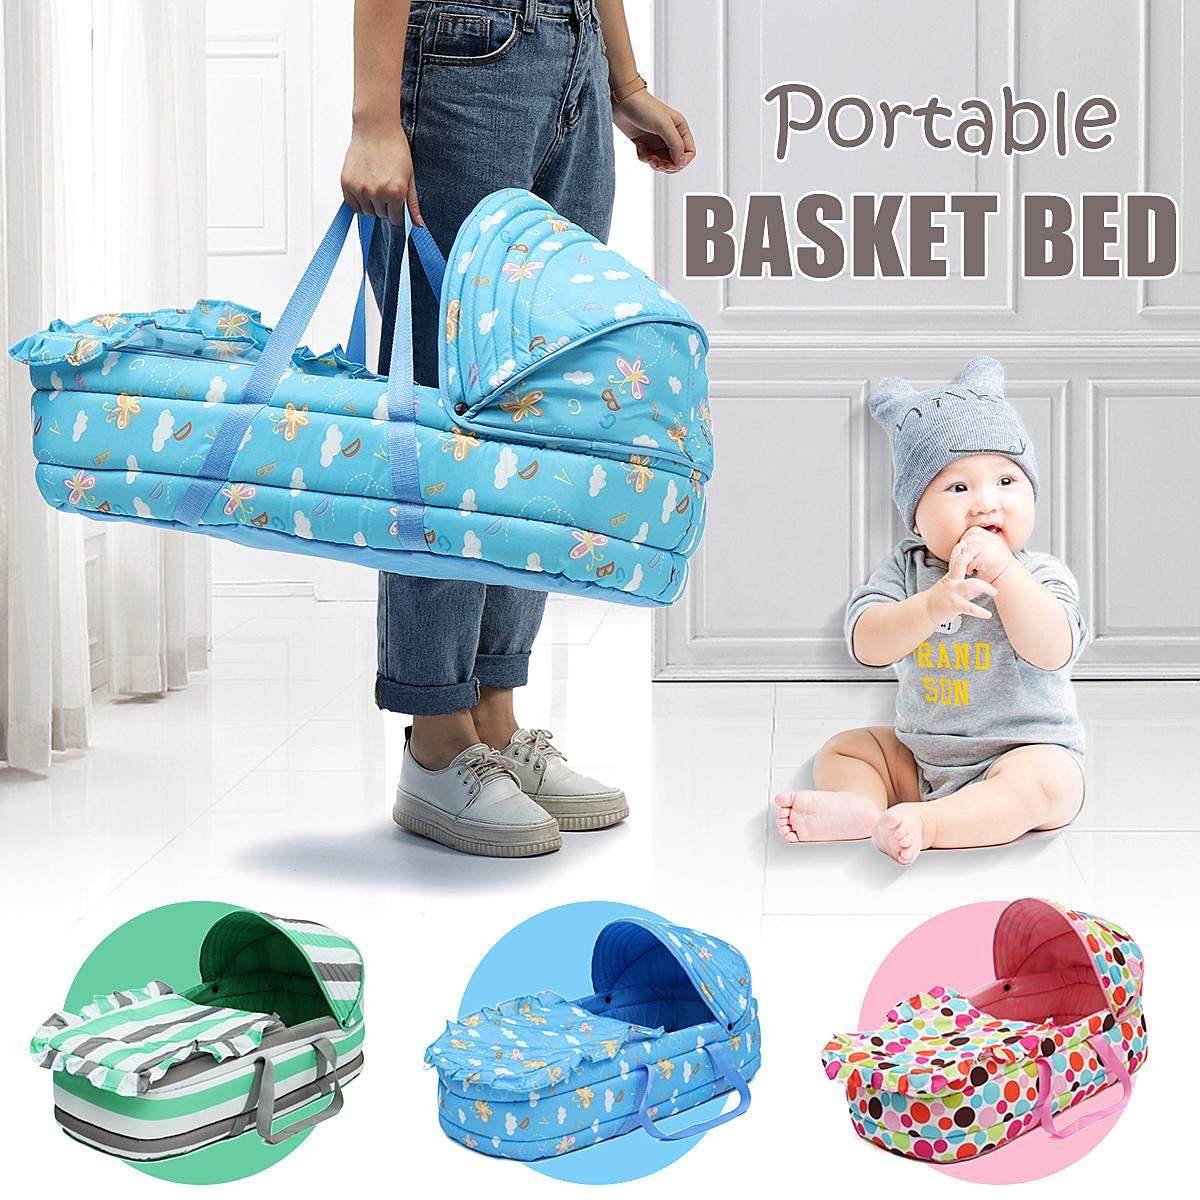 Lit de bébé Portable lit de couffin de bébé pour 0-8 mois panier de bébé confortable nouveau-né lit de voyage berceau de sécurité berceau de bébé